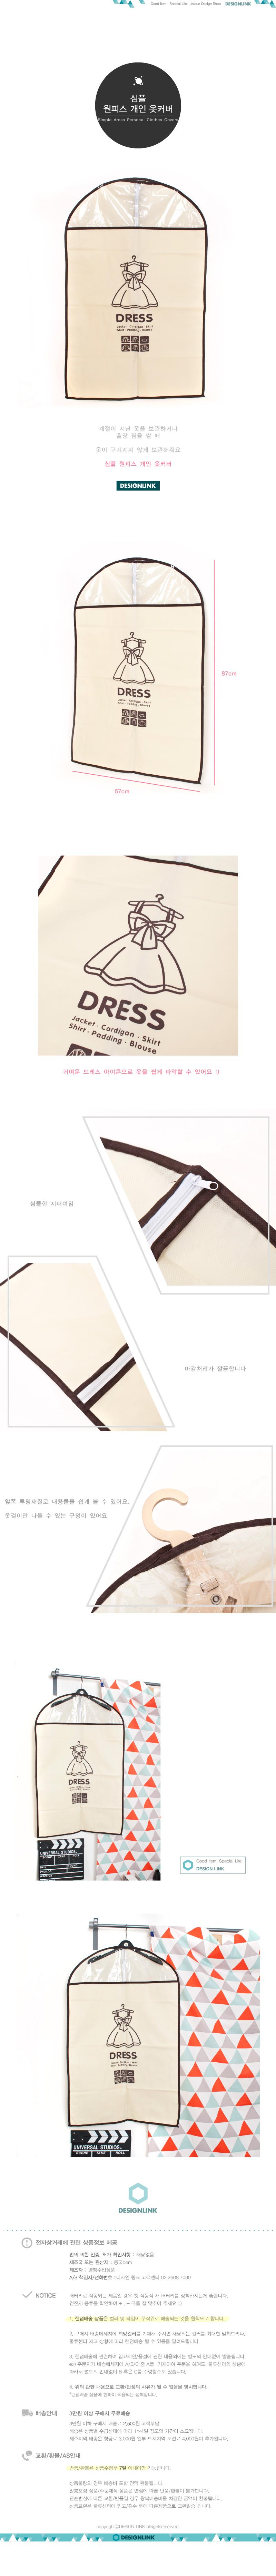 심플 원피스 개인 옷커버 - 디자인링크, 8,000원, 의류커버/압축팩, 의류 커버